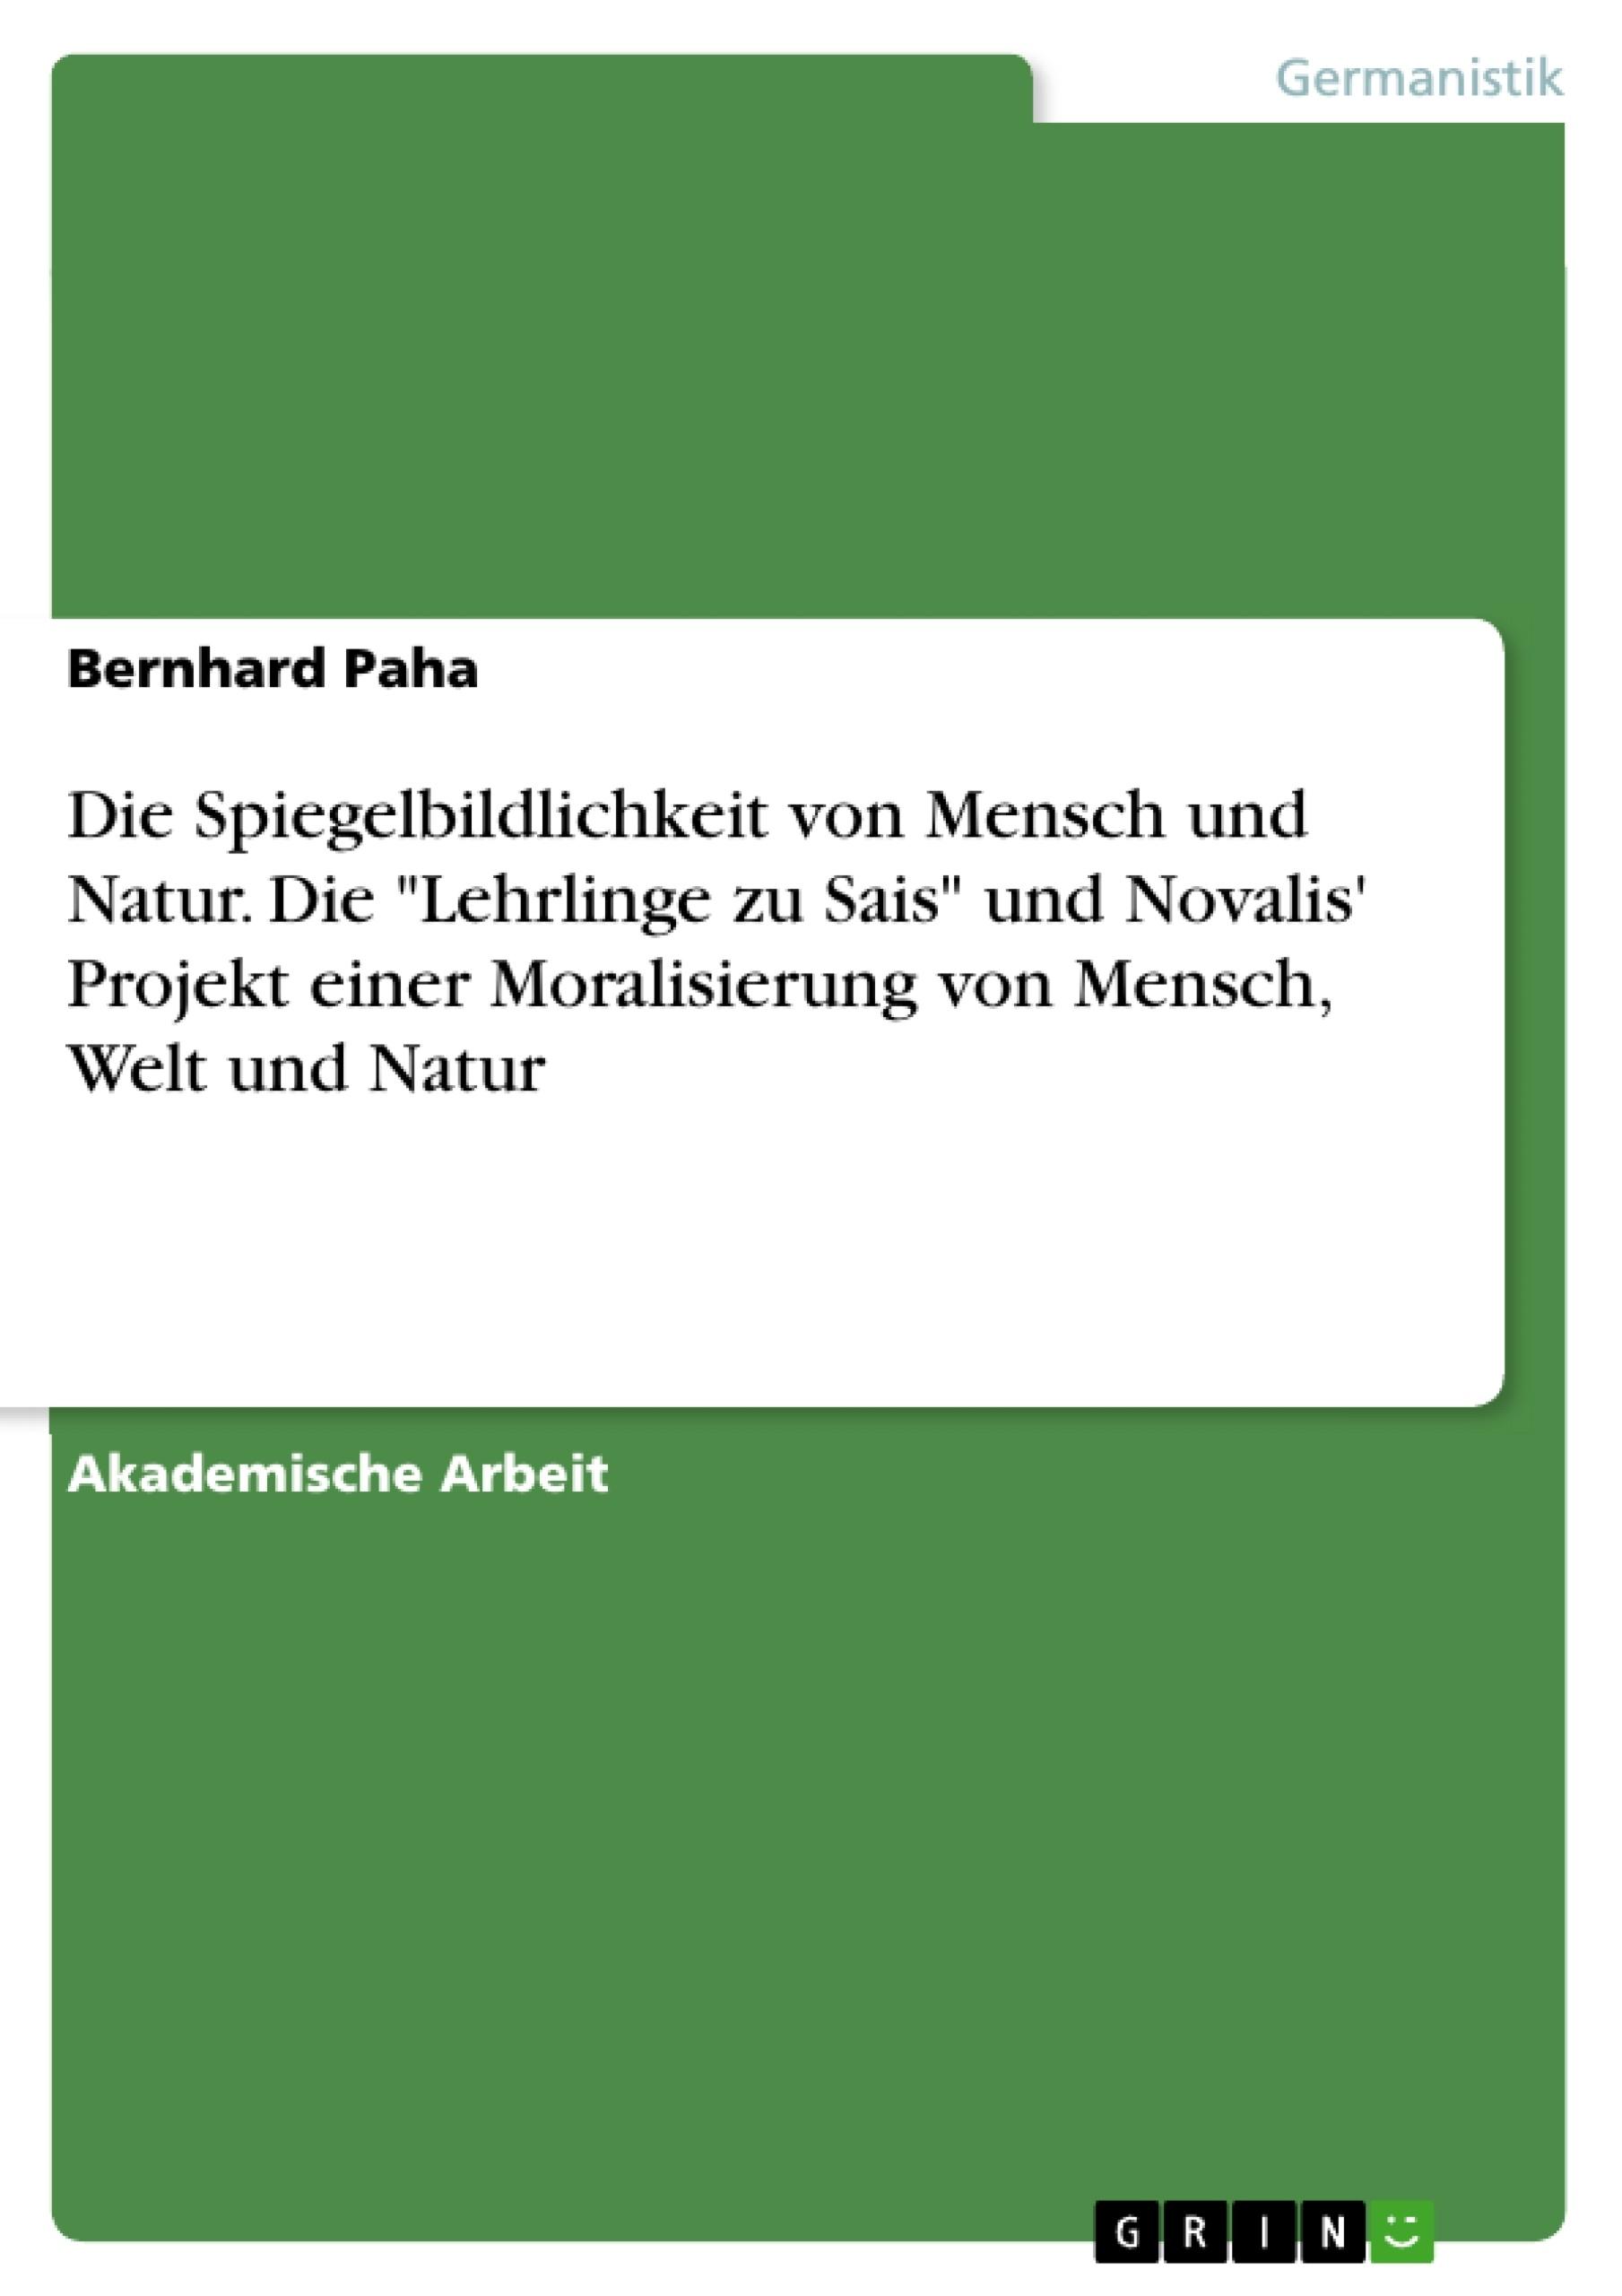 """Titel: Die Spiegelbildlichkeit von Mensch und Natur. Die """"Lehrlinge zu Sais"""" und Novalis' Projekt einer Moralisierung von Mensch, Welt und Natur"""